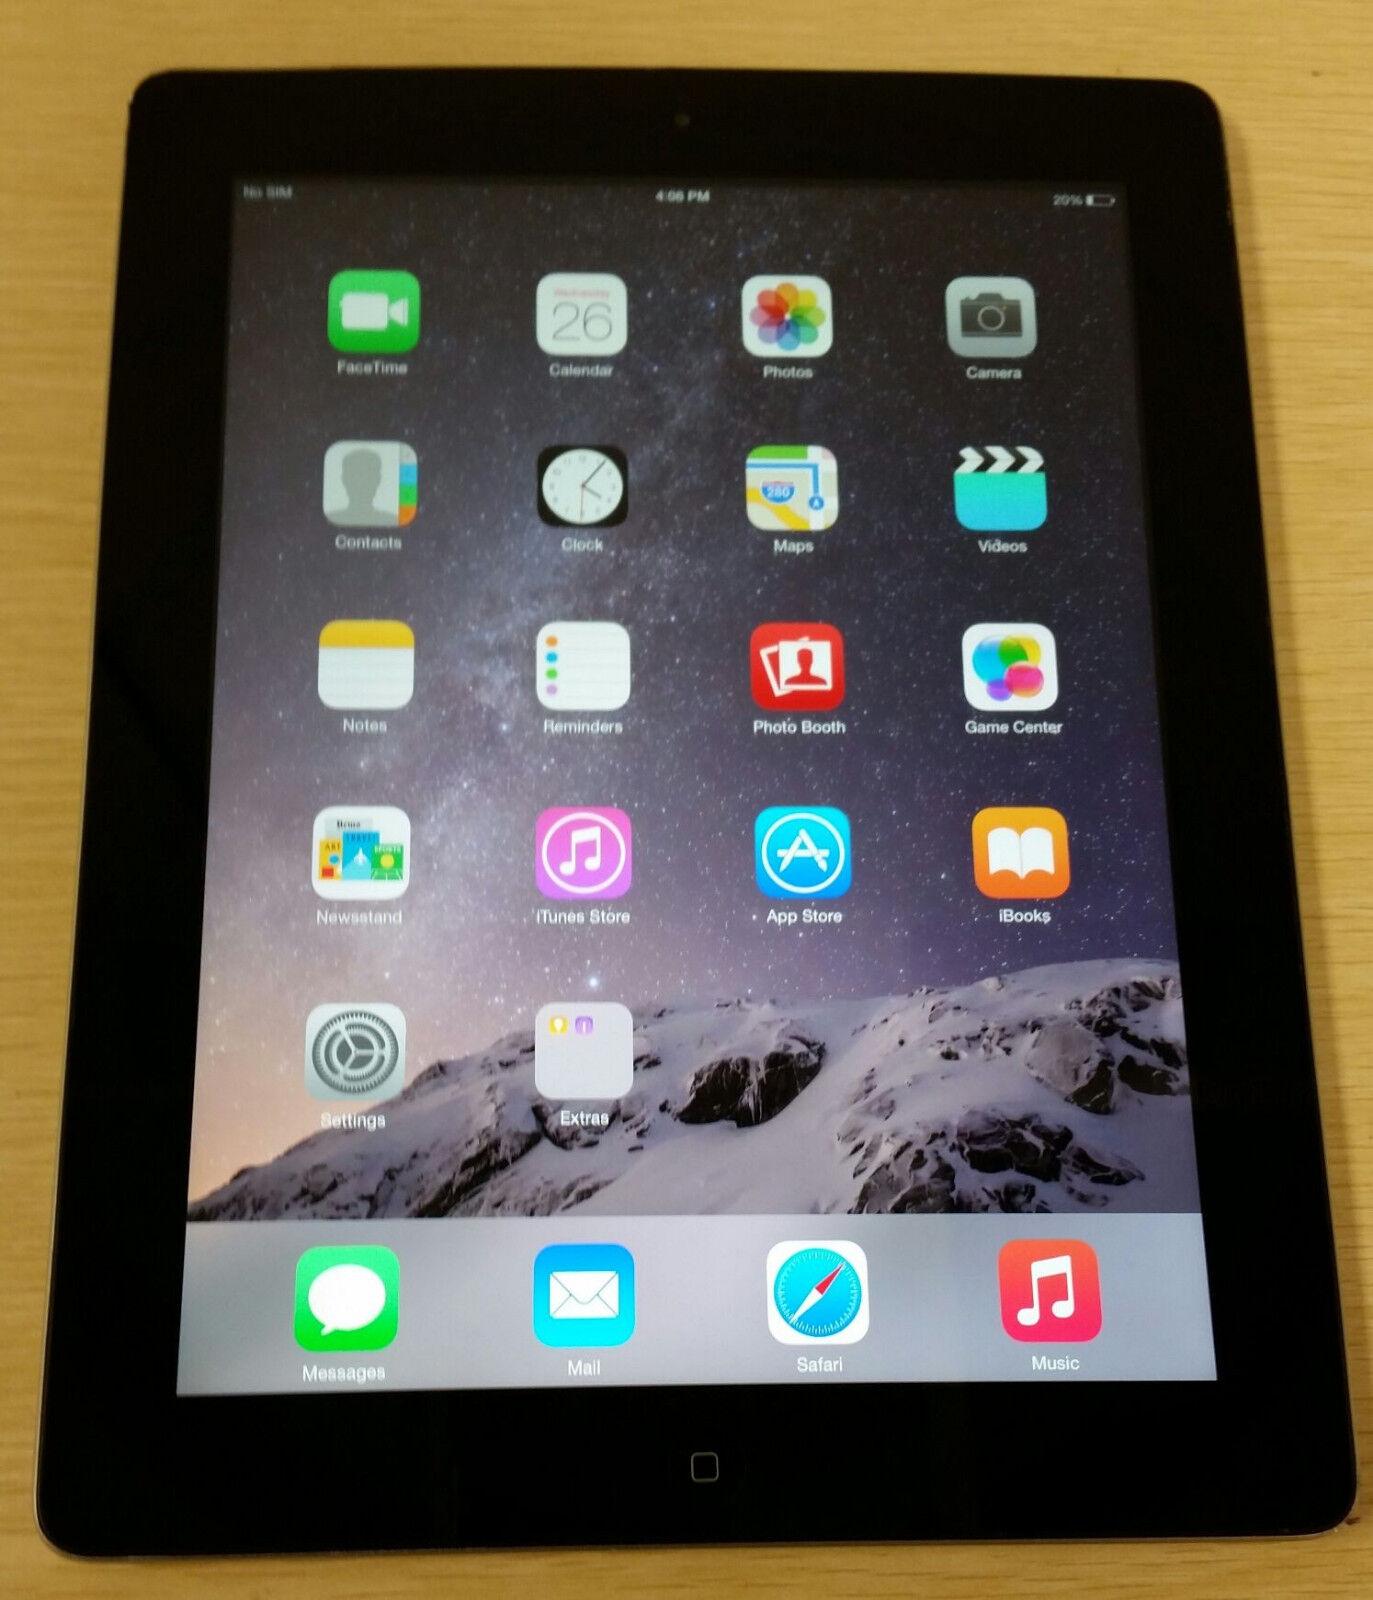 Ipad - Apple iPad 4th Gen 32GB Retina Display Wi-Fi 4G LTE Black Unlocked A1459